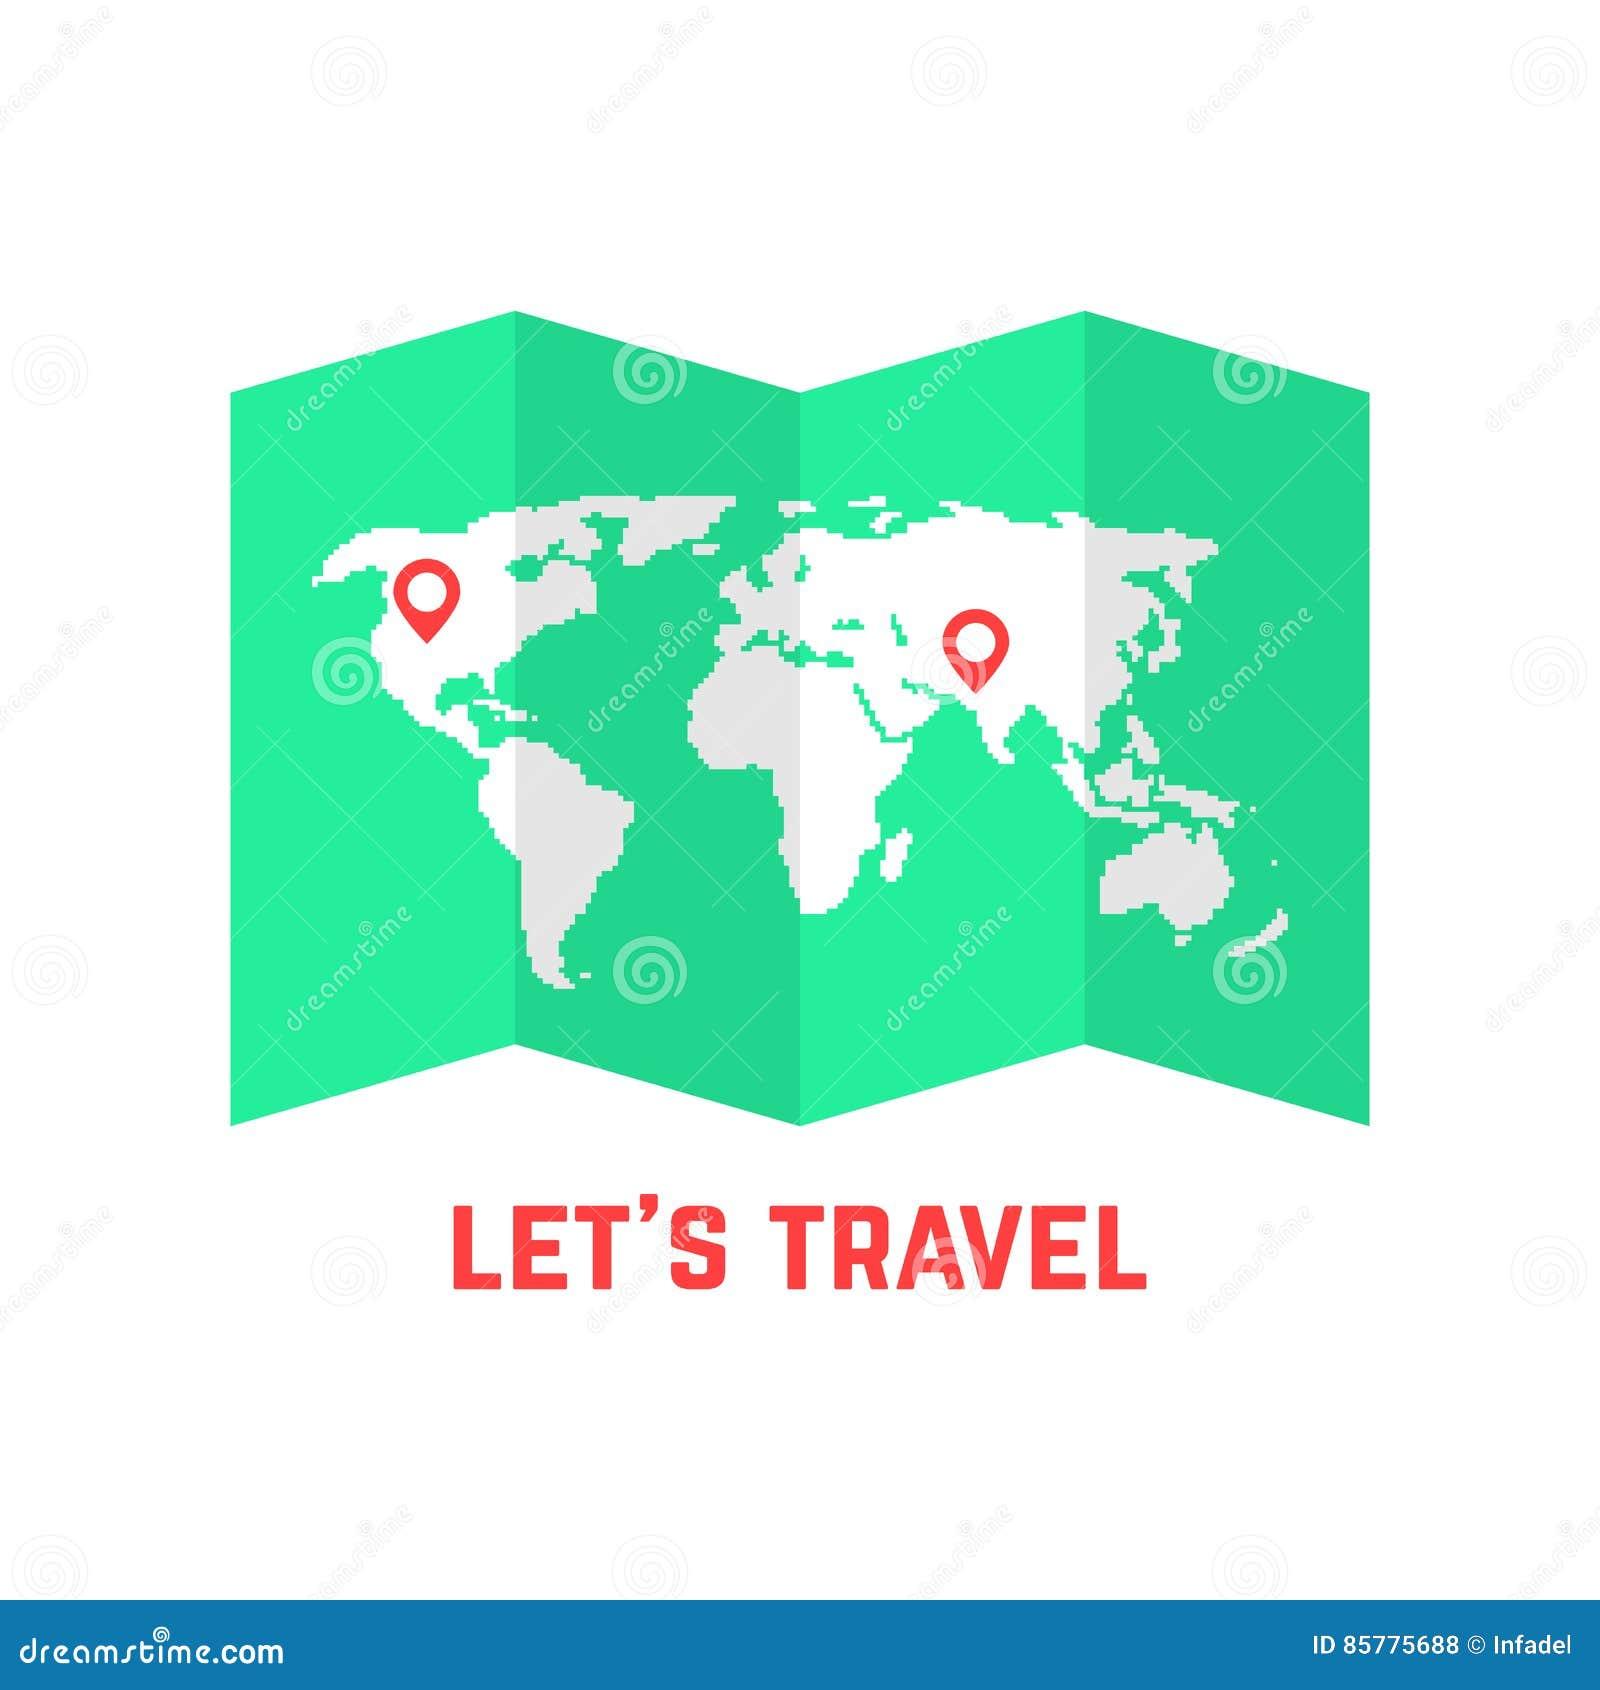 Mapa de camino verde con imagen del mundo